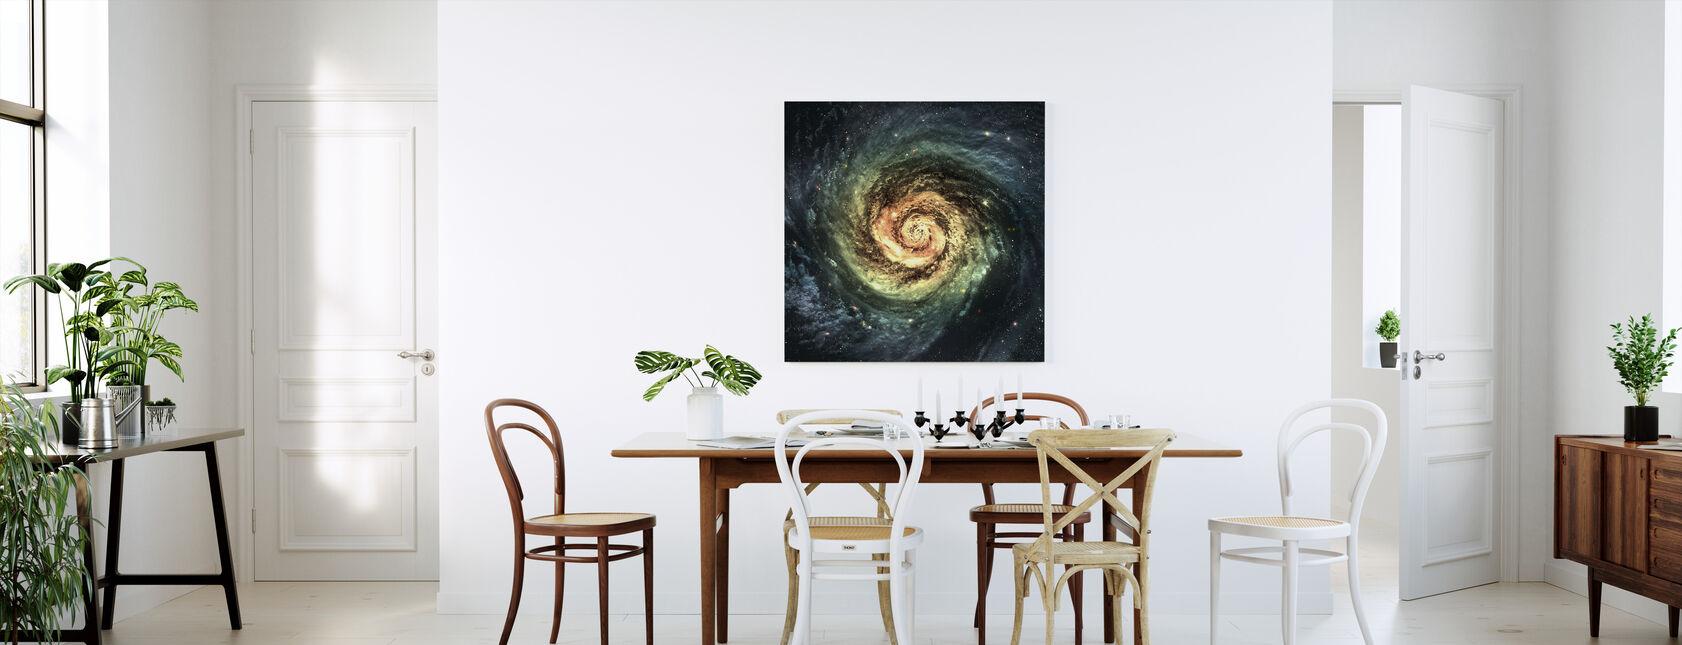 Spiraali Galaxy - Canvastaulu - Keittiö